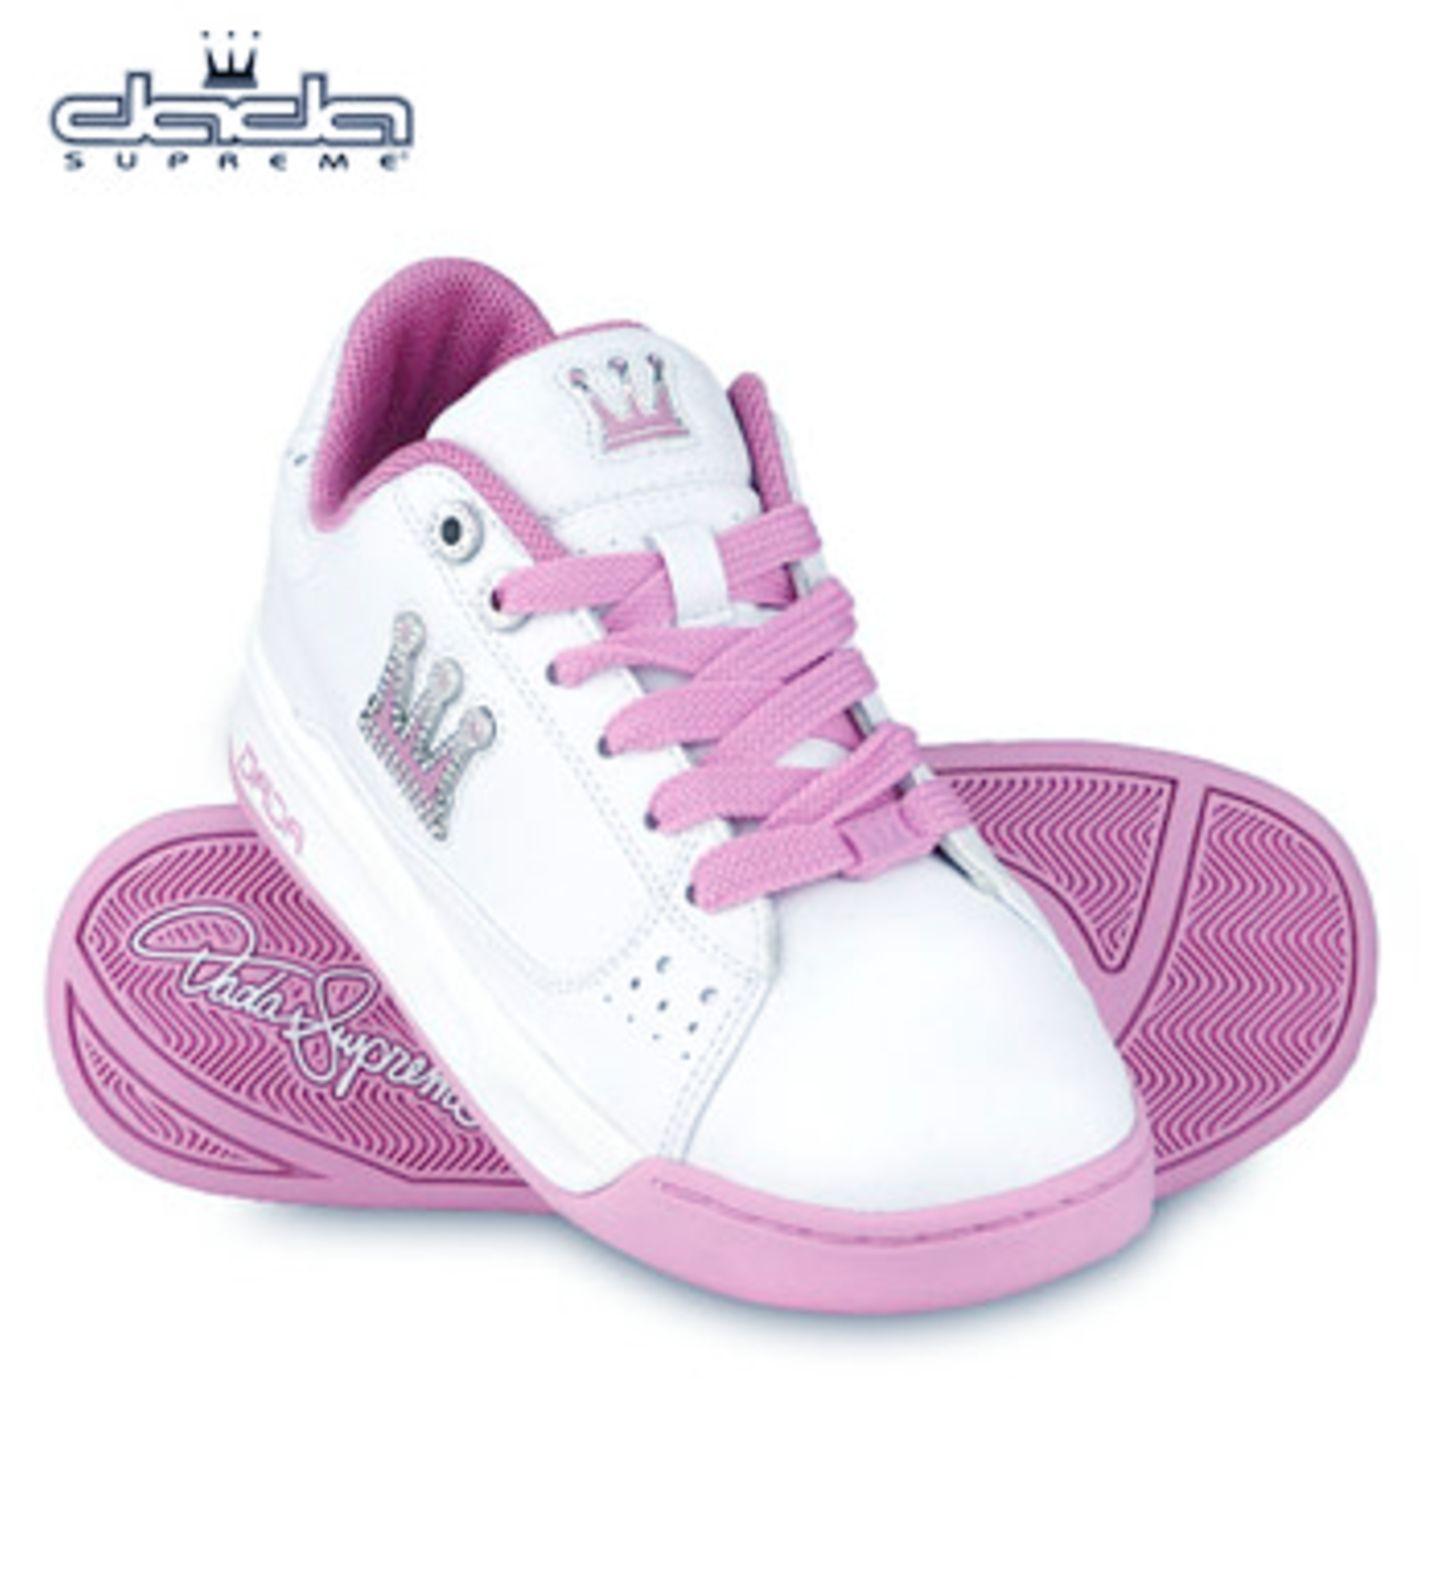 Schuh aus Glattleder mit Bling-Bling-Crown-Applikation auf der Außenseite; 84,99 Euro; von Dada Supreme über www.guna.de